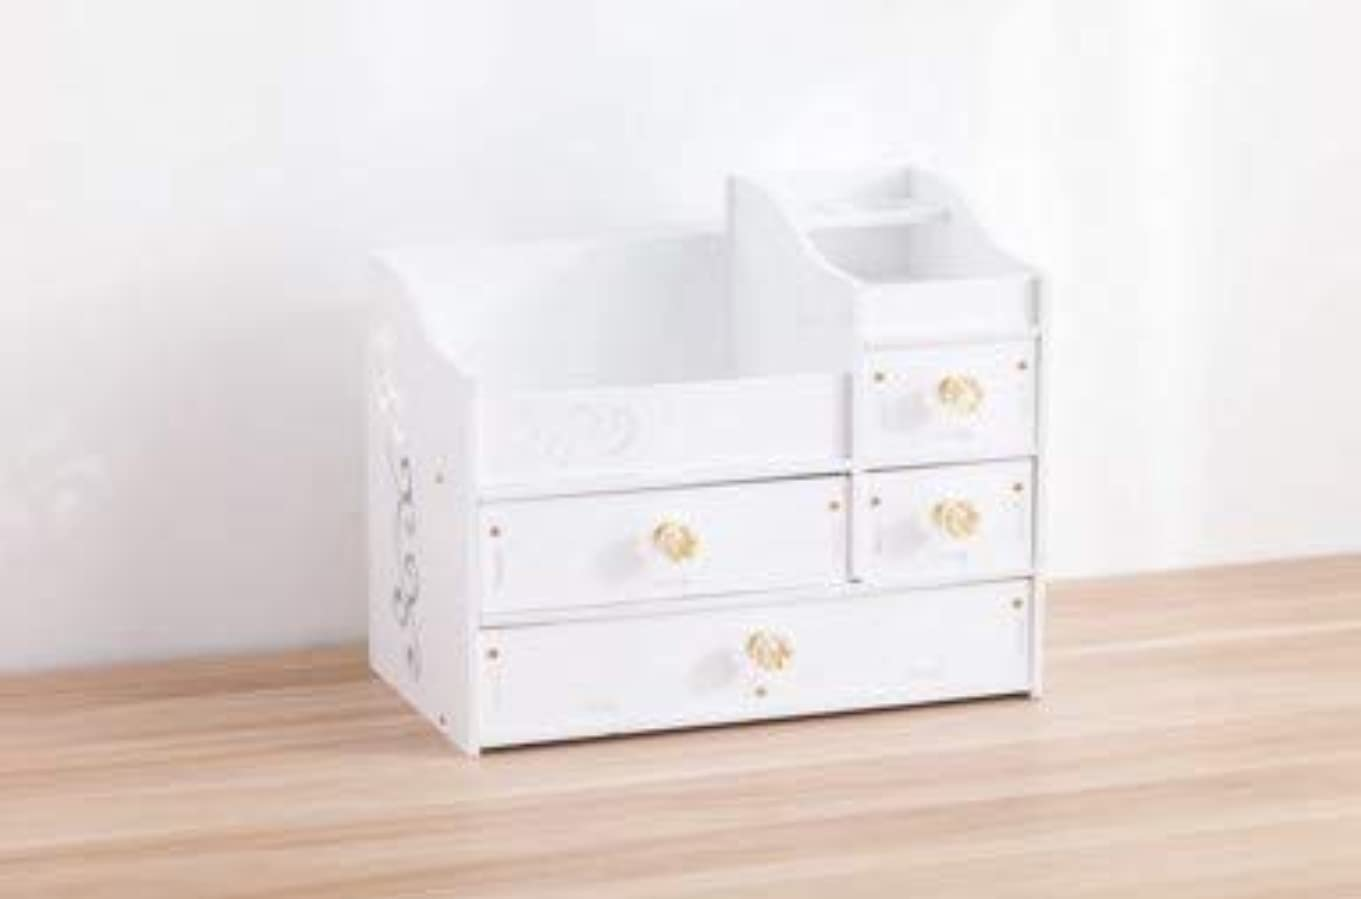 オレンジバスルーム電話デスクトップスキンケア化粧台ジュエリーボックスクリスタルハンドル引き出し収納ボックス木製化粧品収納ボックス